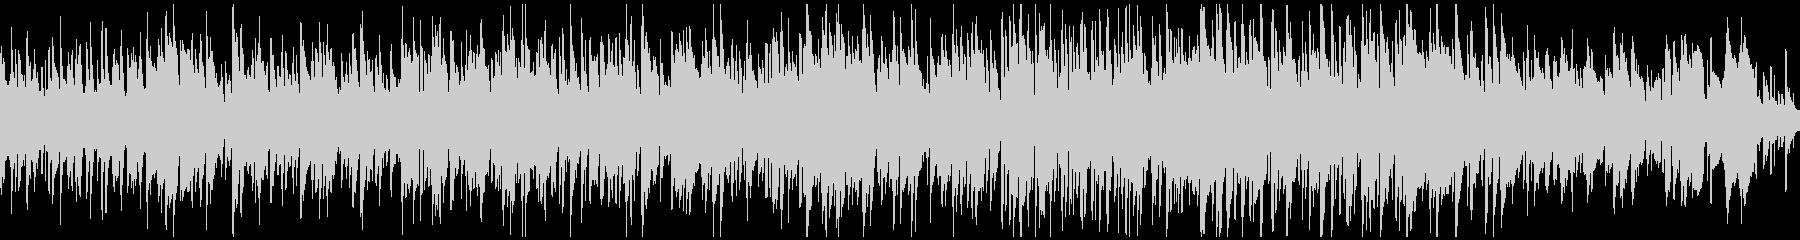 メロディアスで穏やかなボサノバ※ループ版の未再生の波形